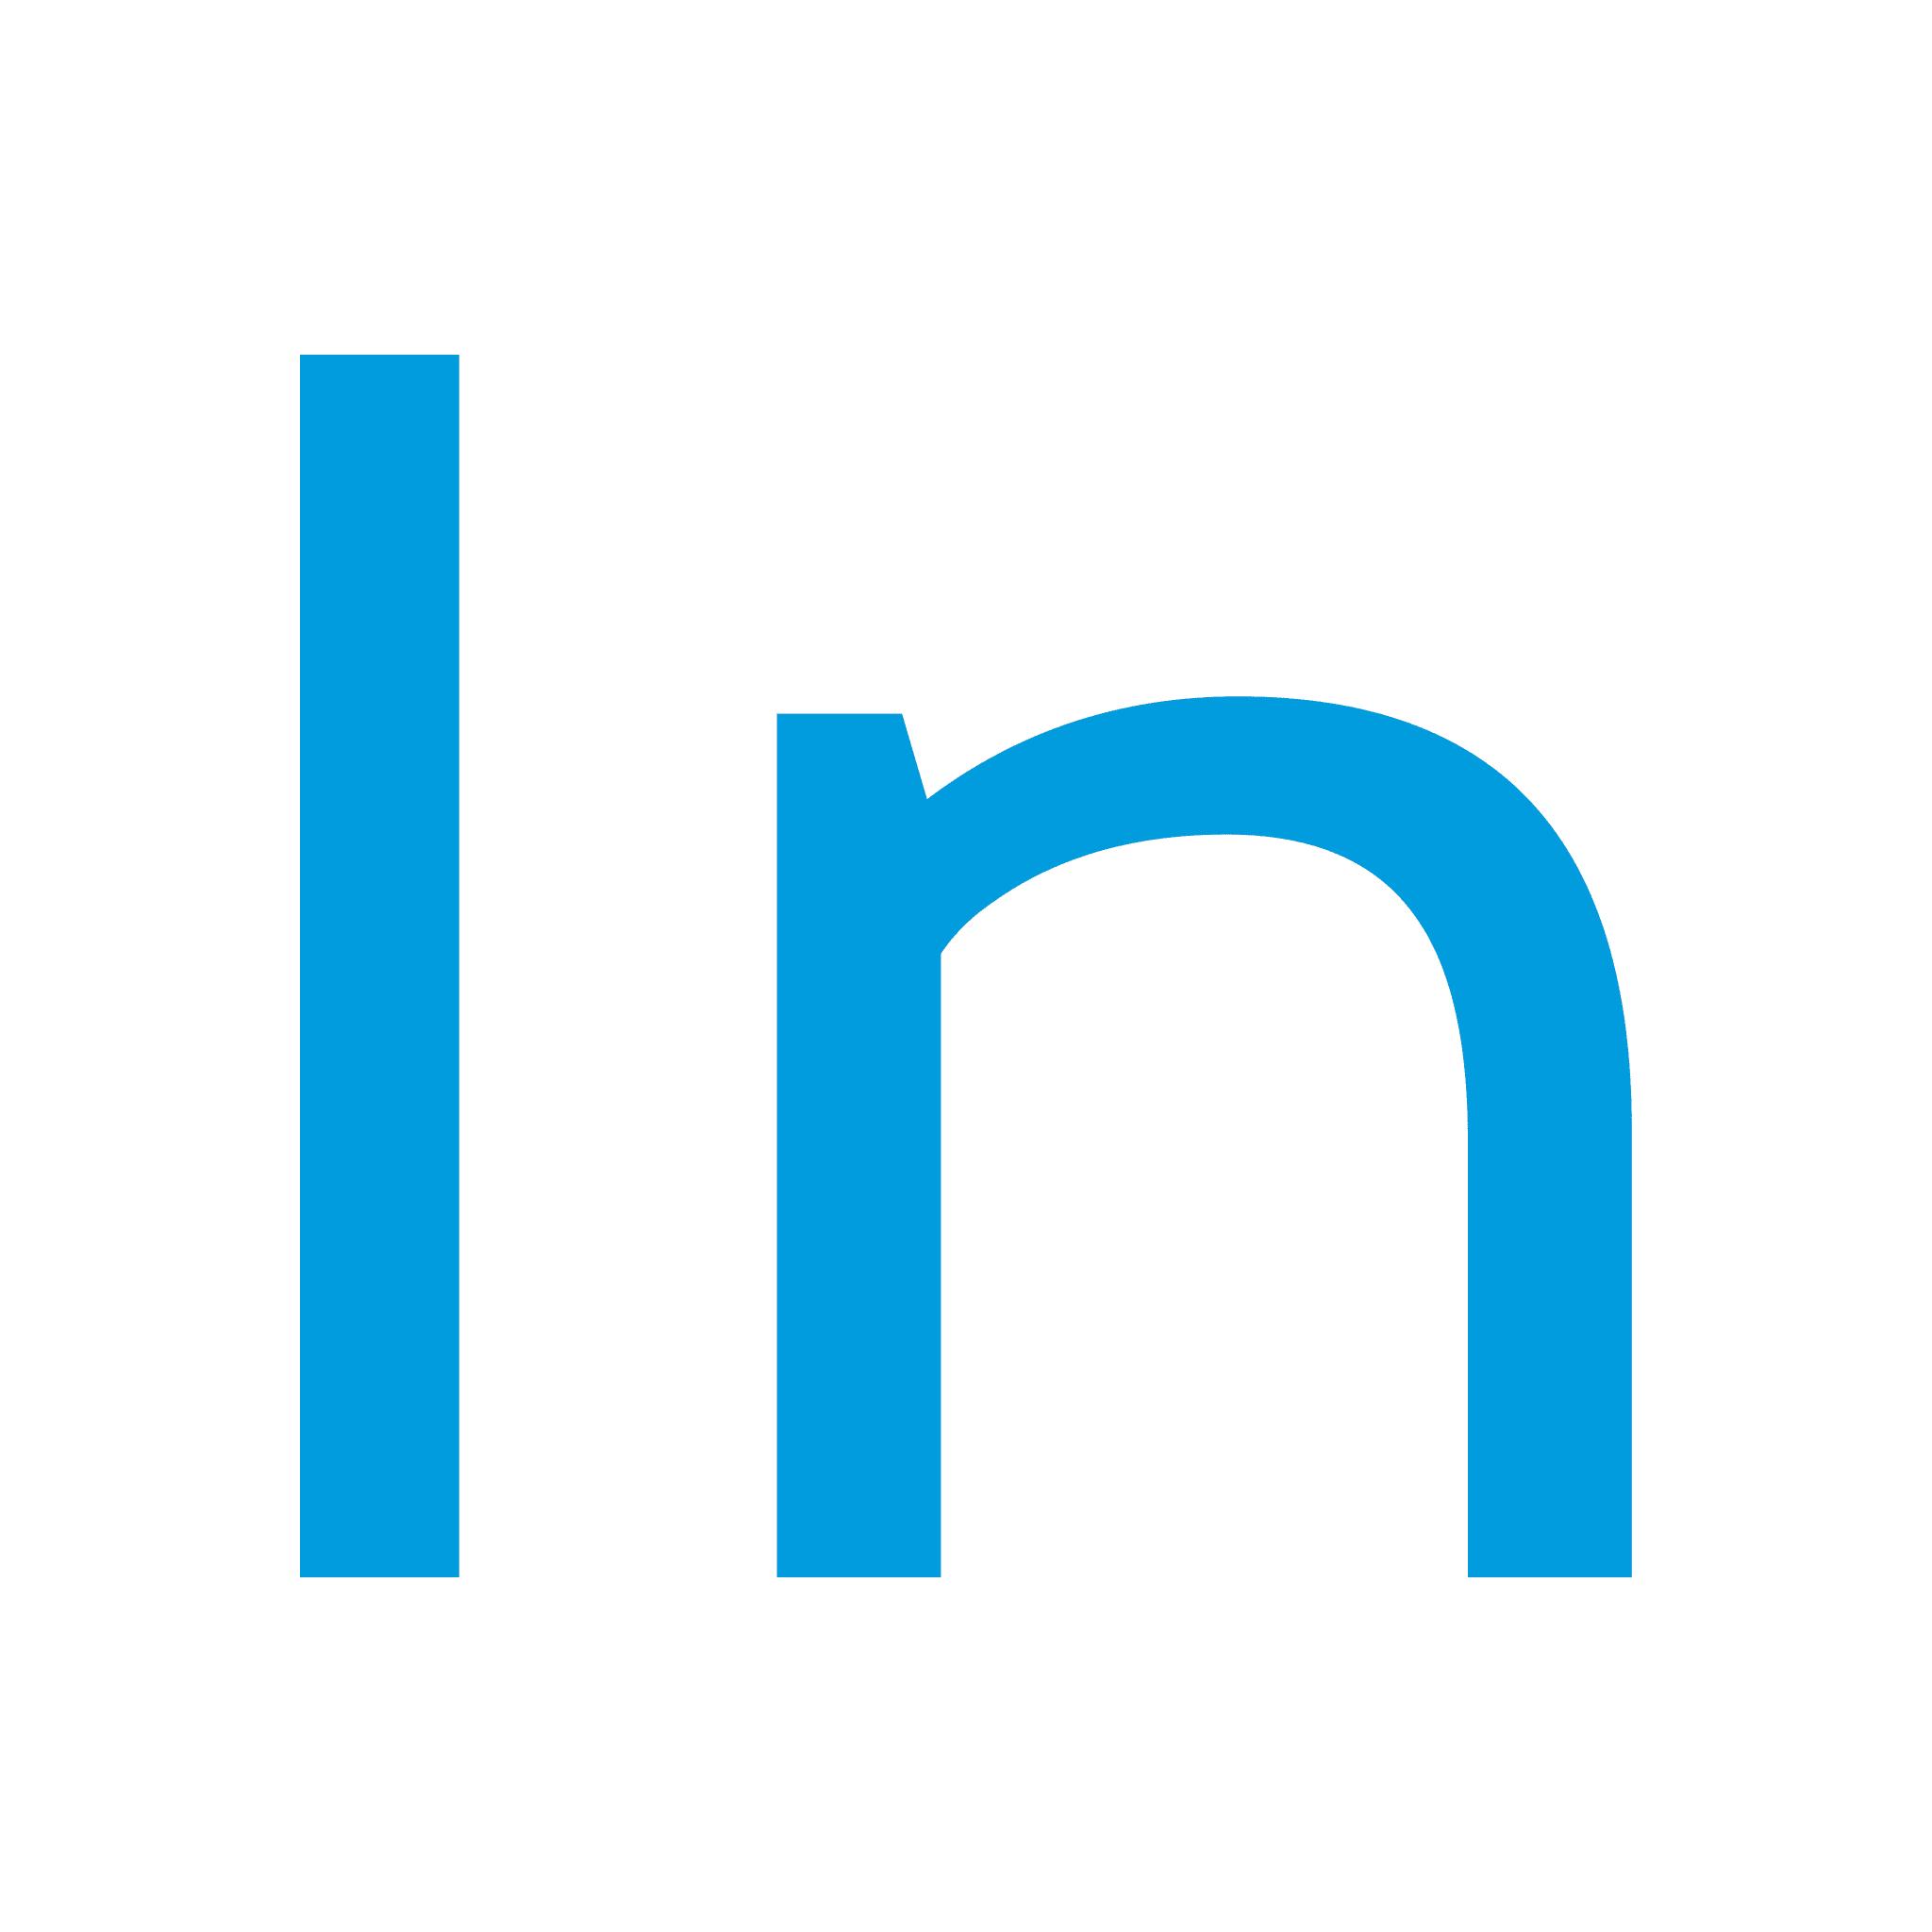 Insodia